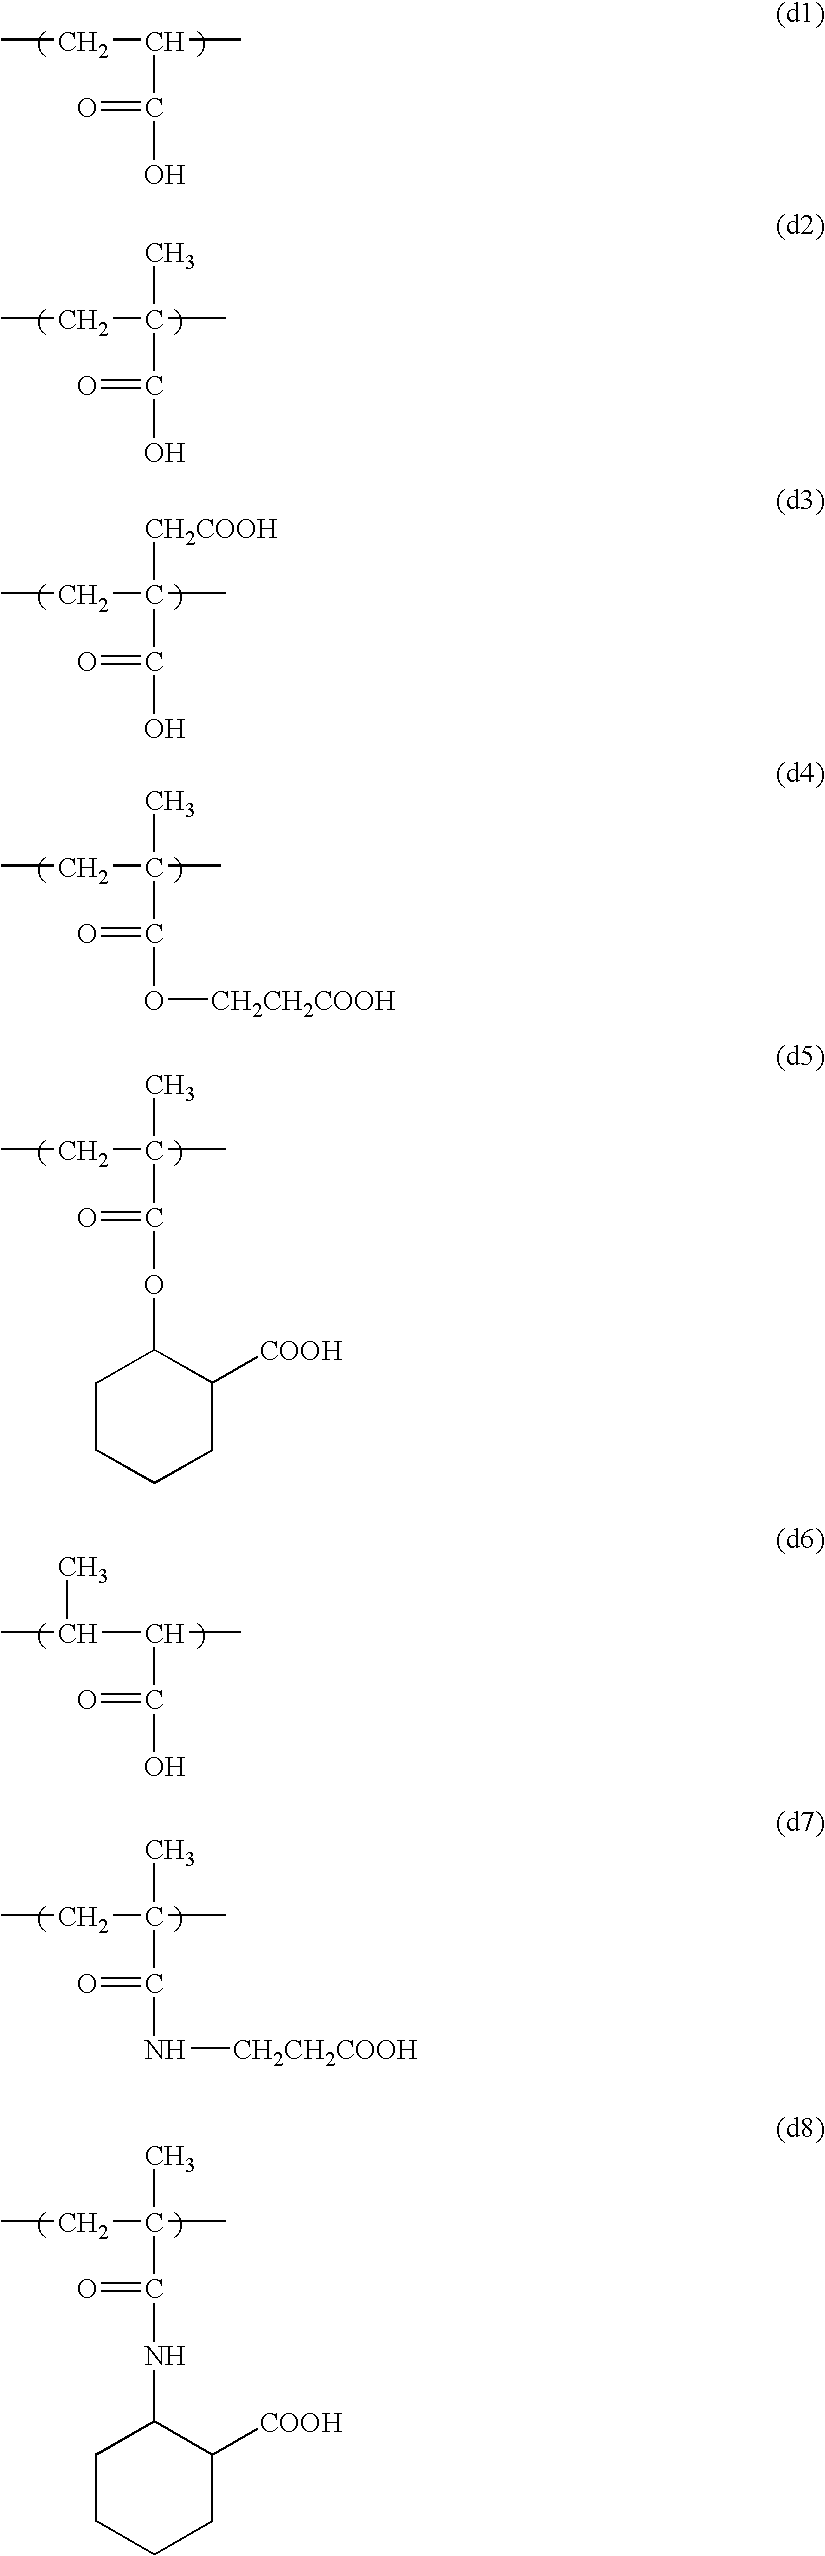 Figure US20070003871A1-20070104-C00077